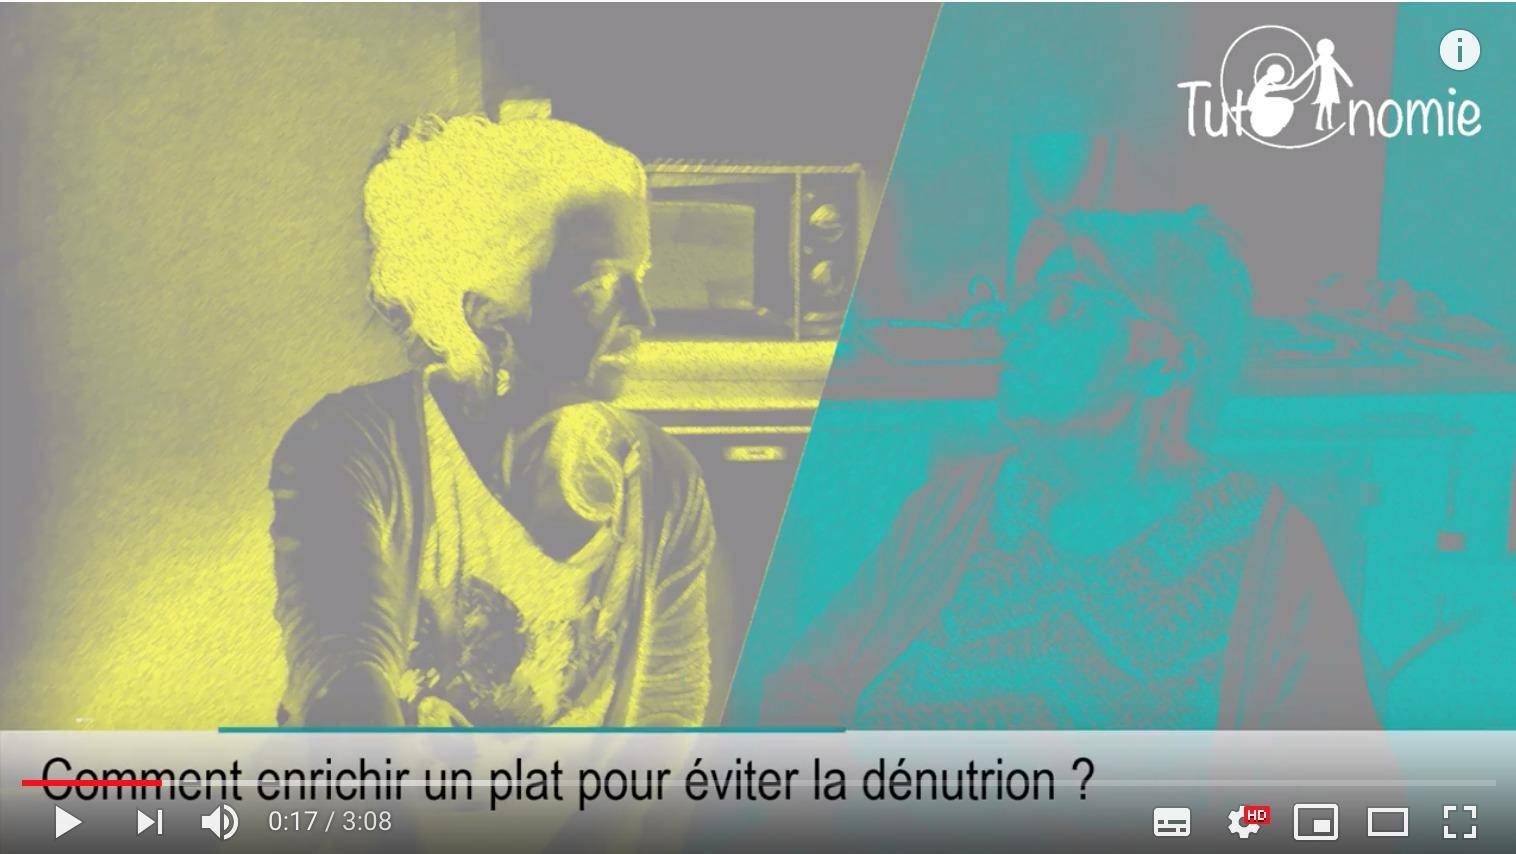 FR Rechercher 2 Image d'avatar 0:17 / 3:08 Comment enrichir un plat pour prévenir la dénutrition ?